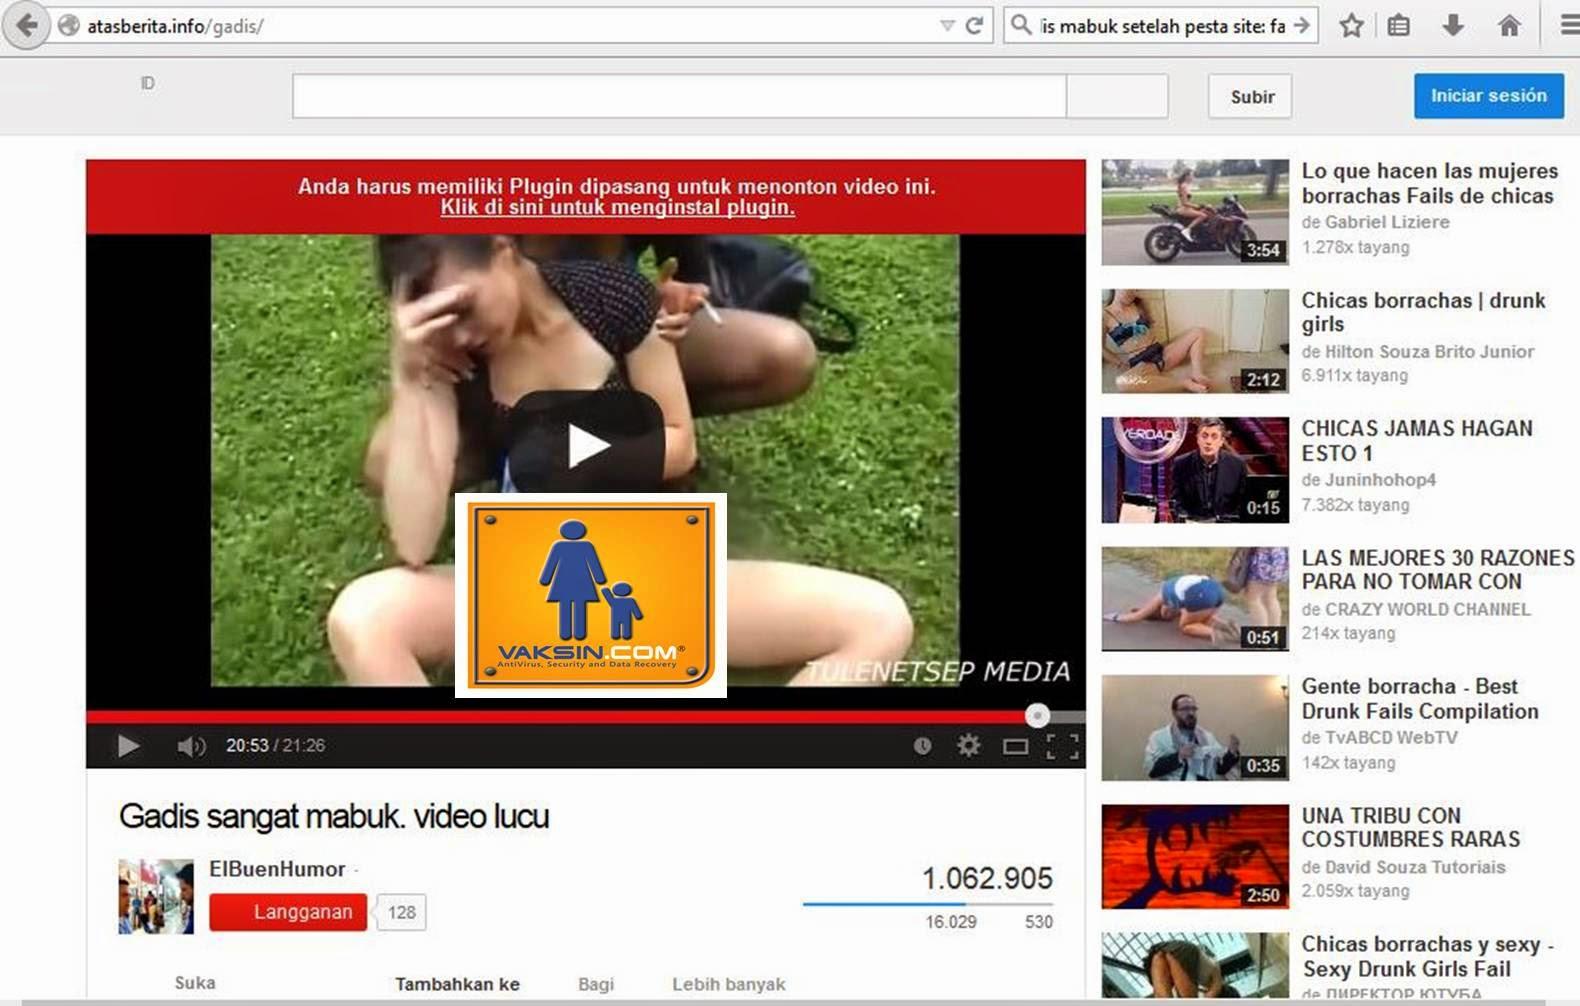 Cara Menghapus Virus Video Mesum Gadis Mabuk dari Facebook